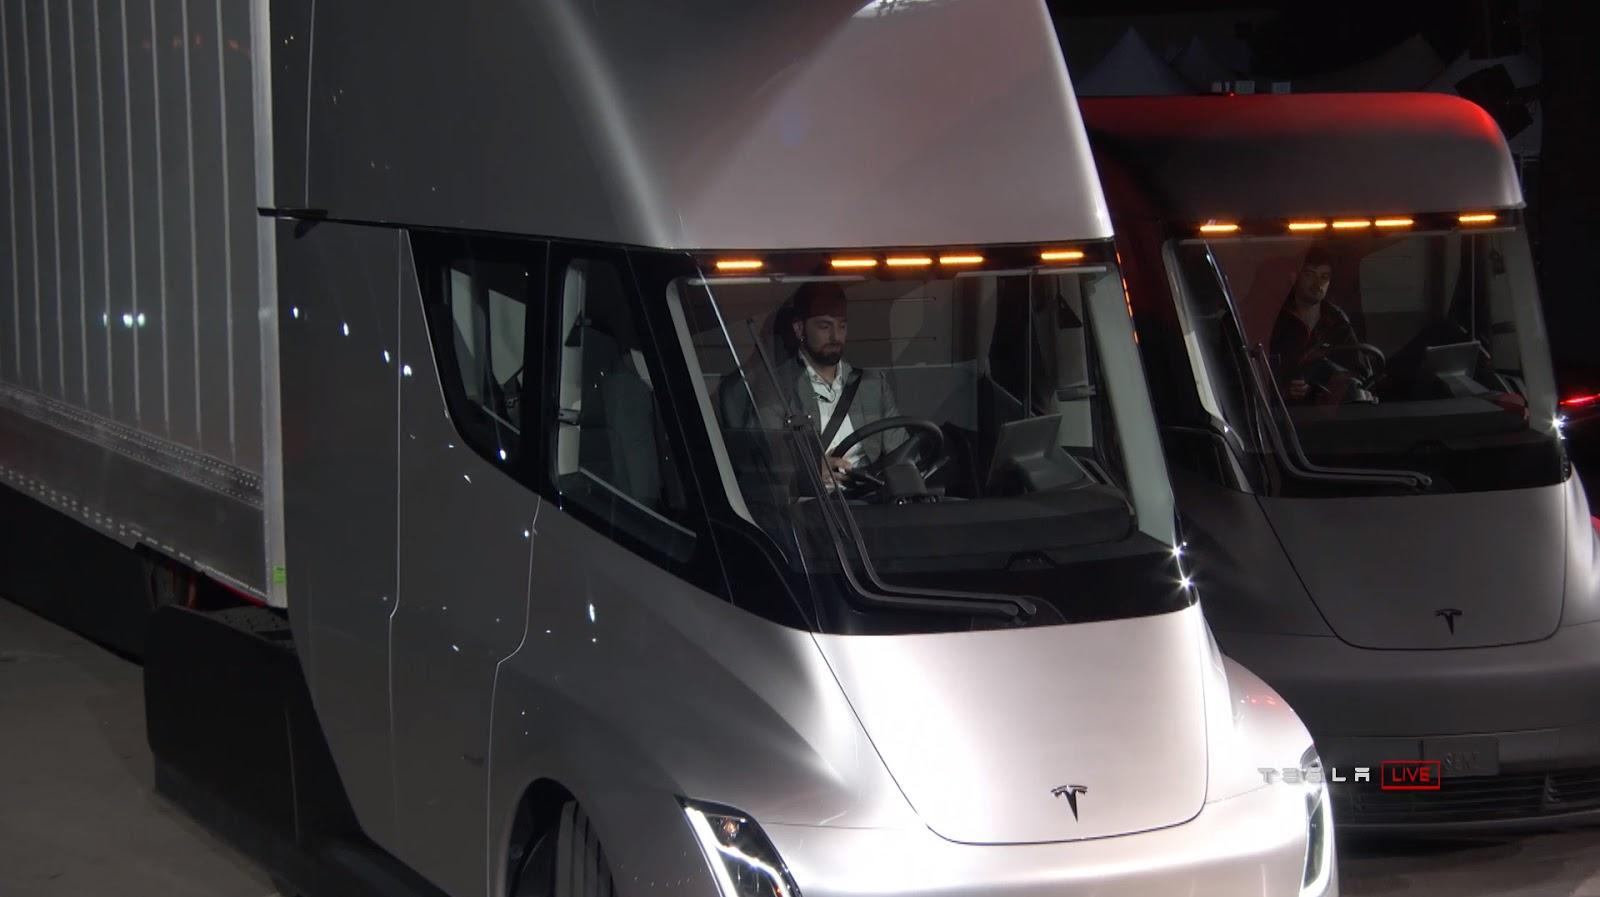 Xe++ -  Xe tải điện Tesla Semi trình làng, chạy được tới 800km/lần sạc (Hình 6).